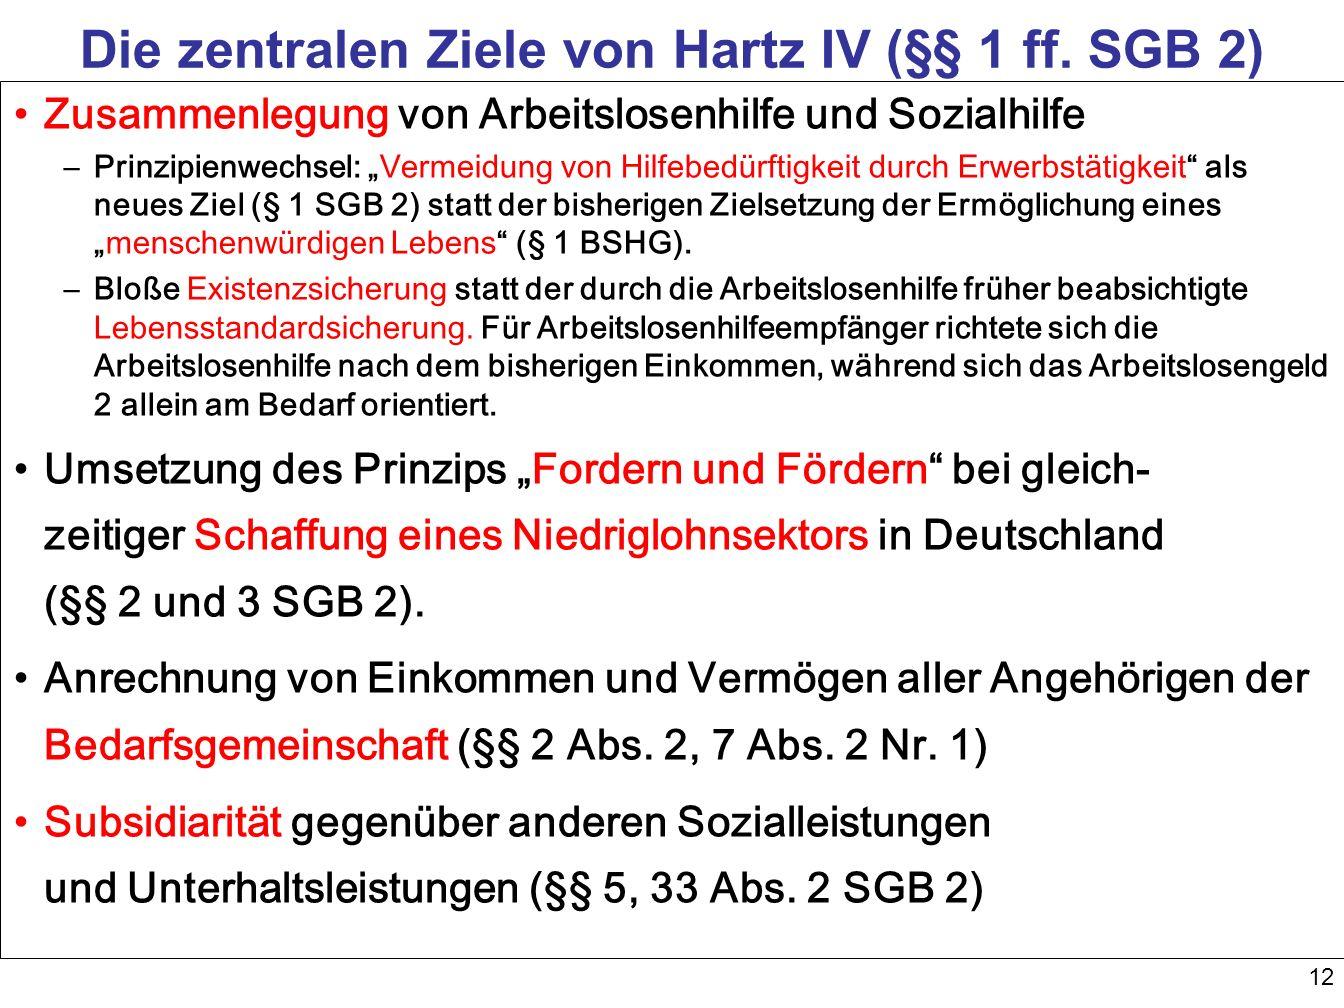 Die zentralen Ziele von Hartz IV (§§ 1 ff. SGB 2)